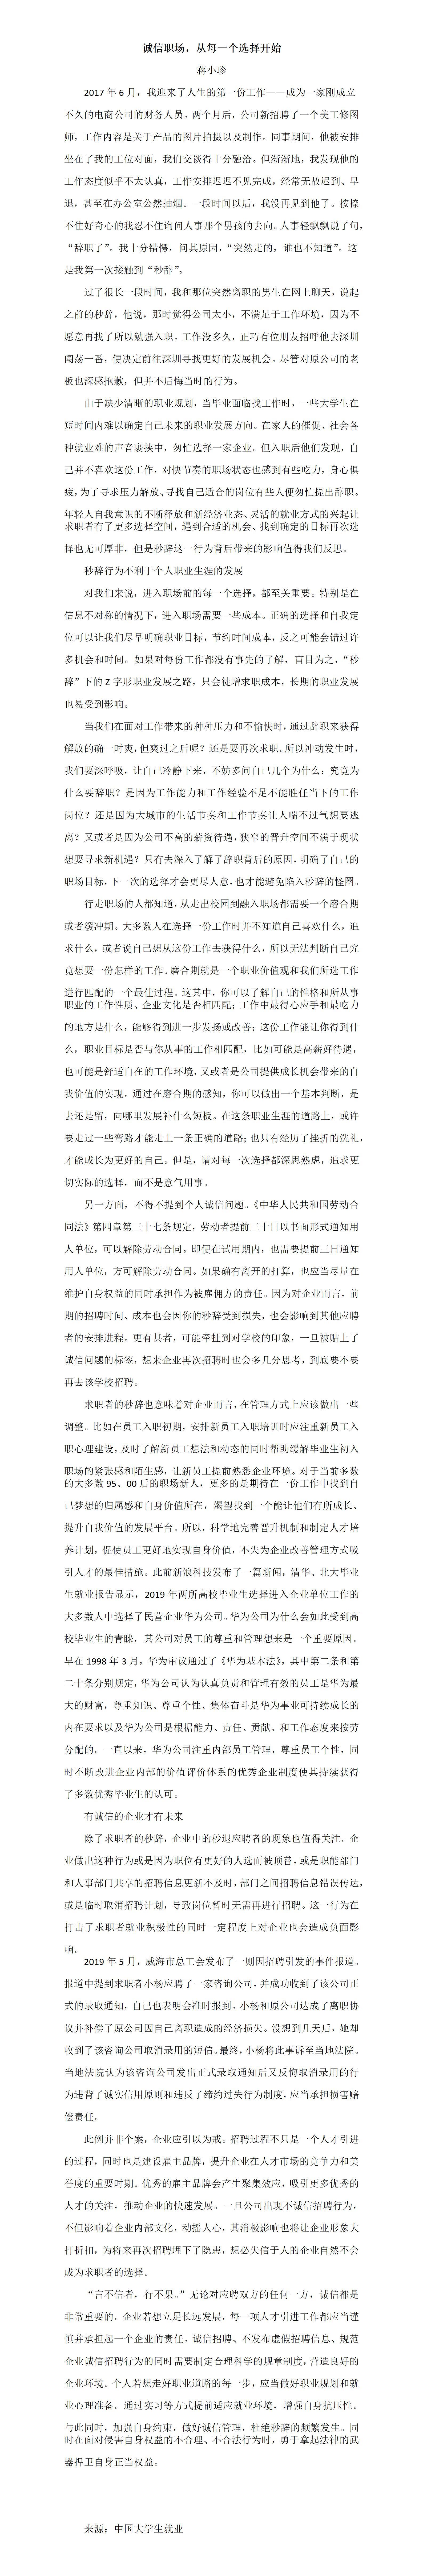 文字文稿1.jpg